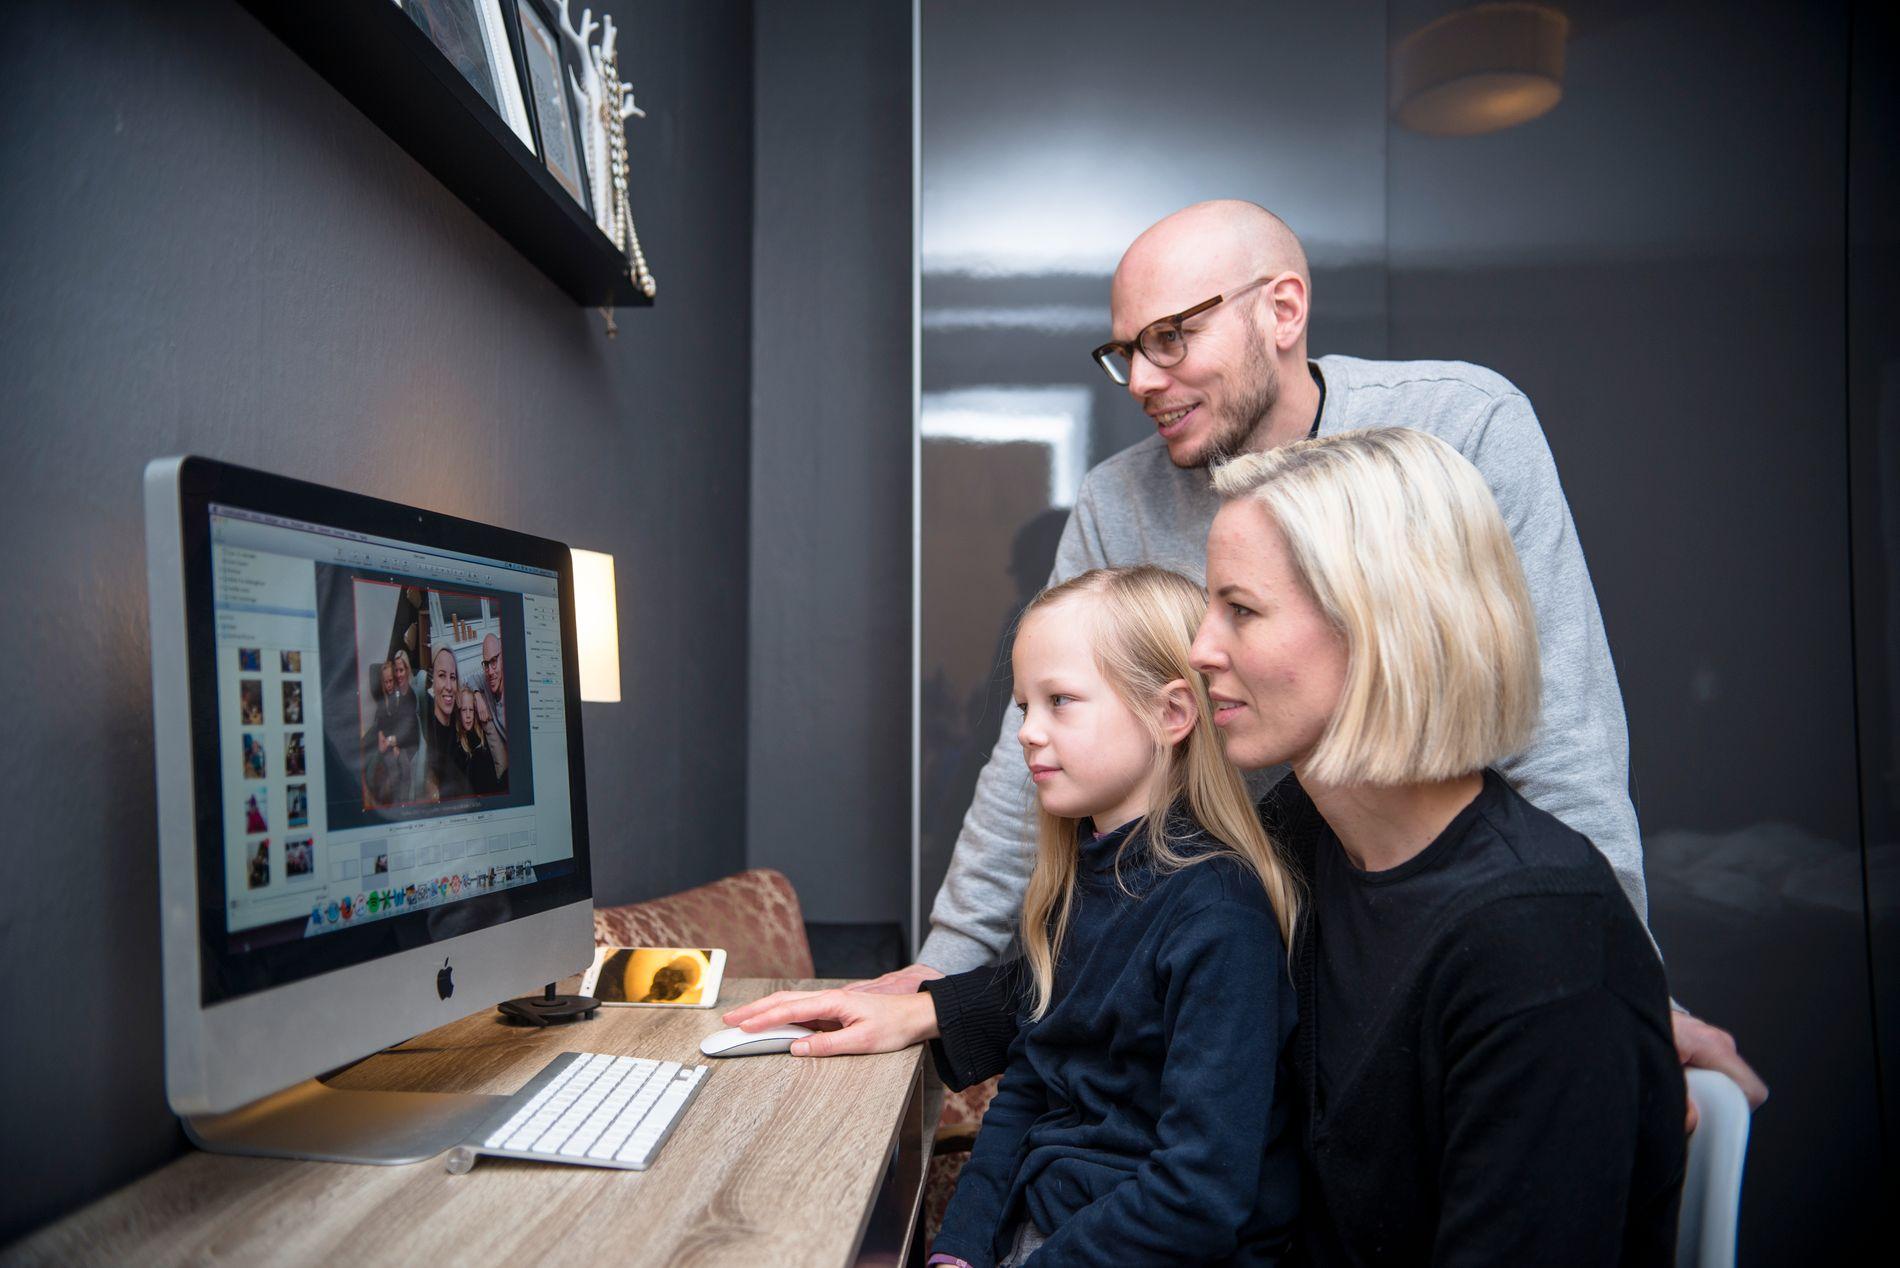 SAMLER MINNER: Berit og mannen Jørgen laster de opp bilder til boken sammen med eldstedatter Hedda.